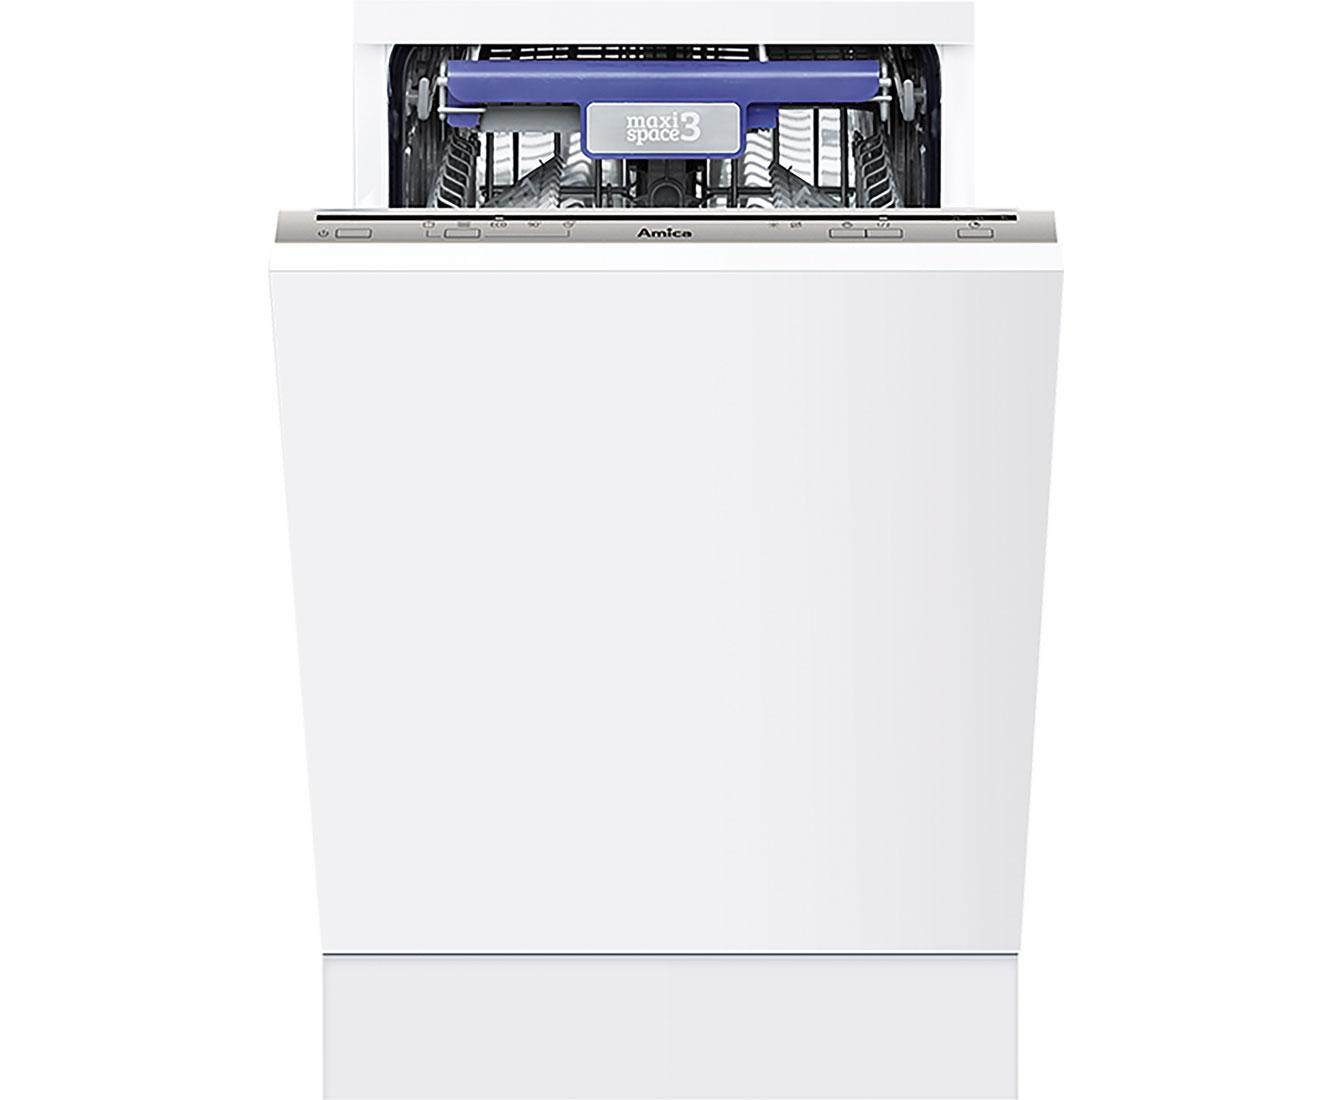 Amica Kühlschrank 45 Cm : Amica retro kühlschrank schwarz a l gefrierfach automatsiches